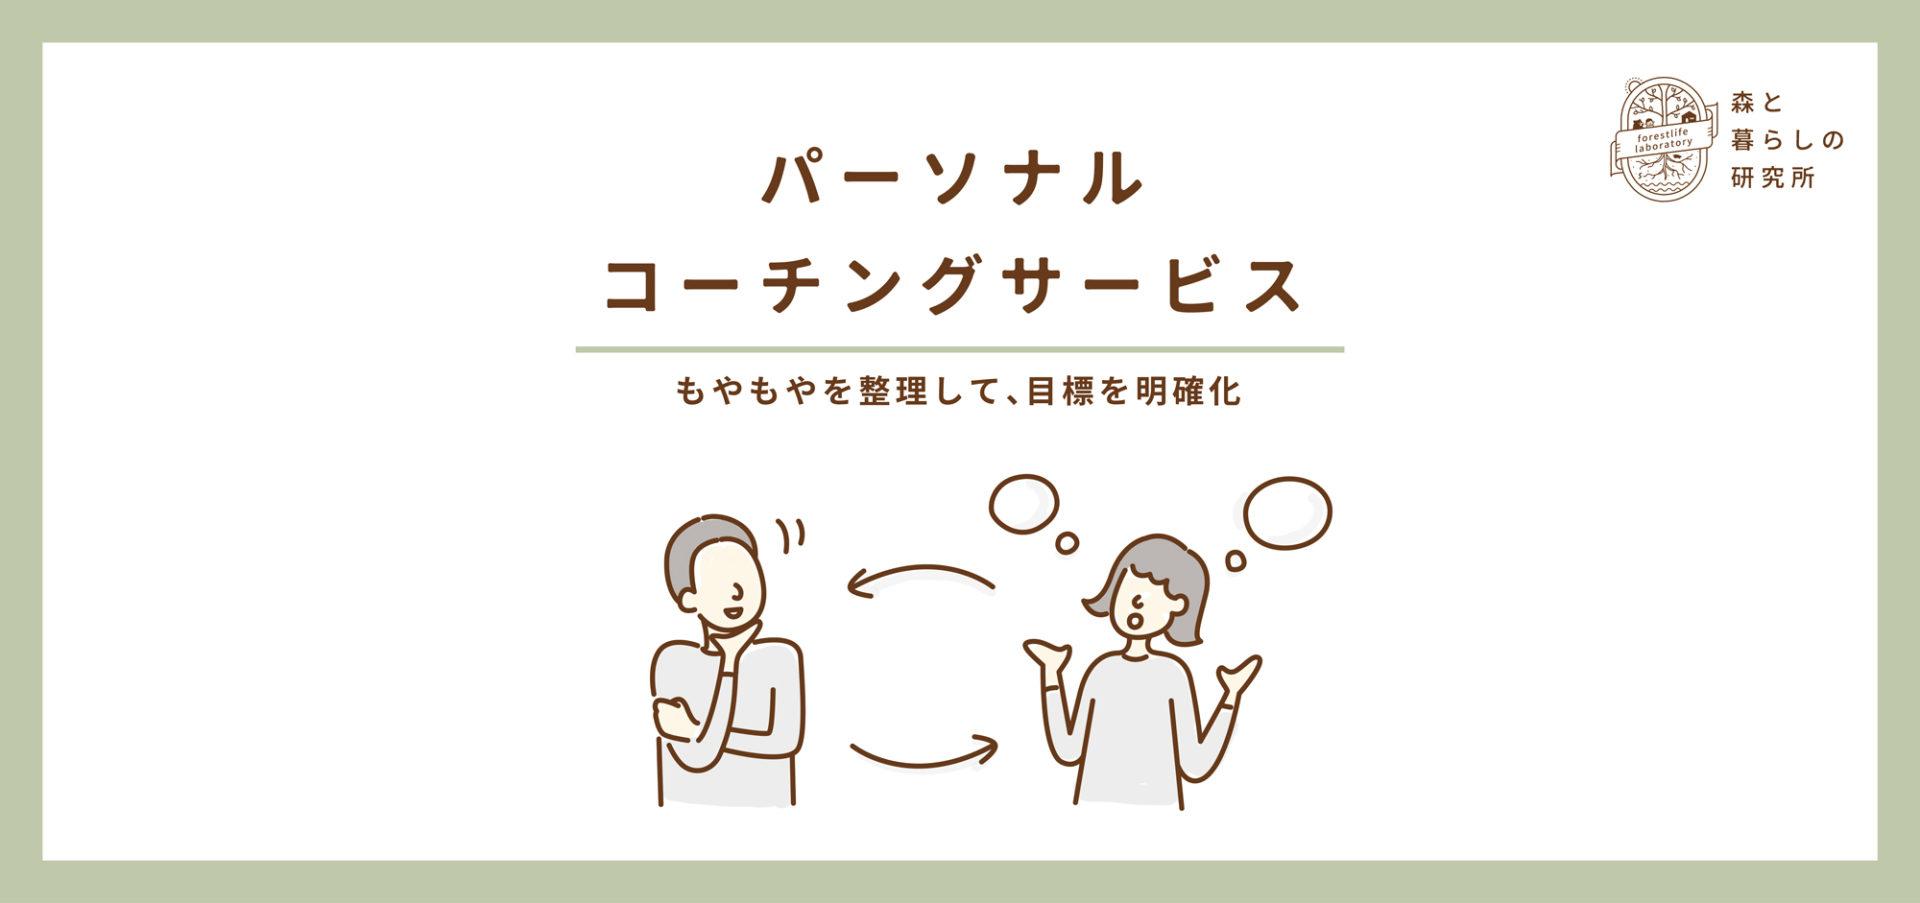 パーソナルコーチングサービストップ画像_pc